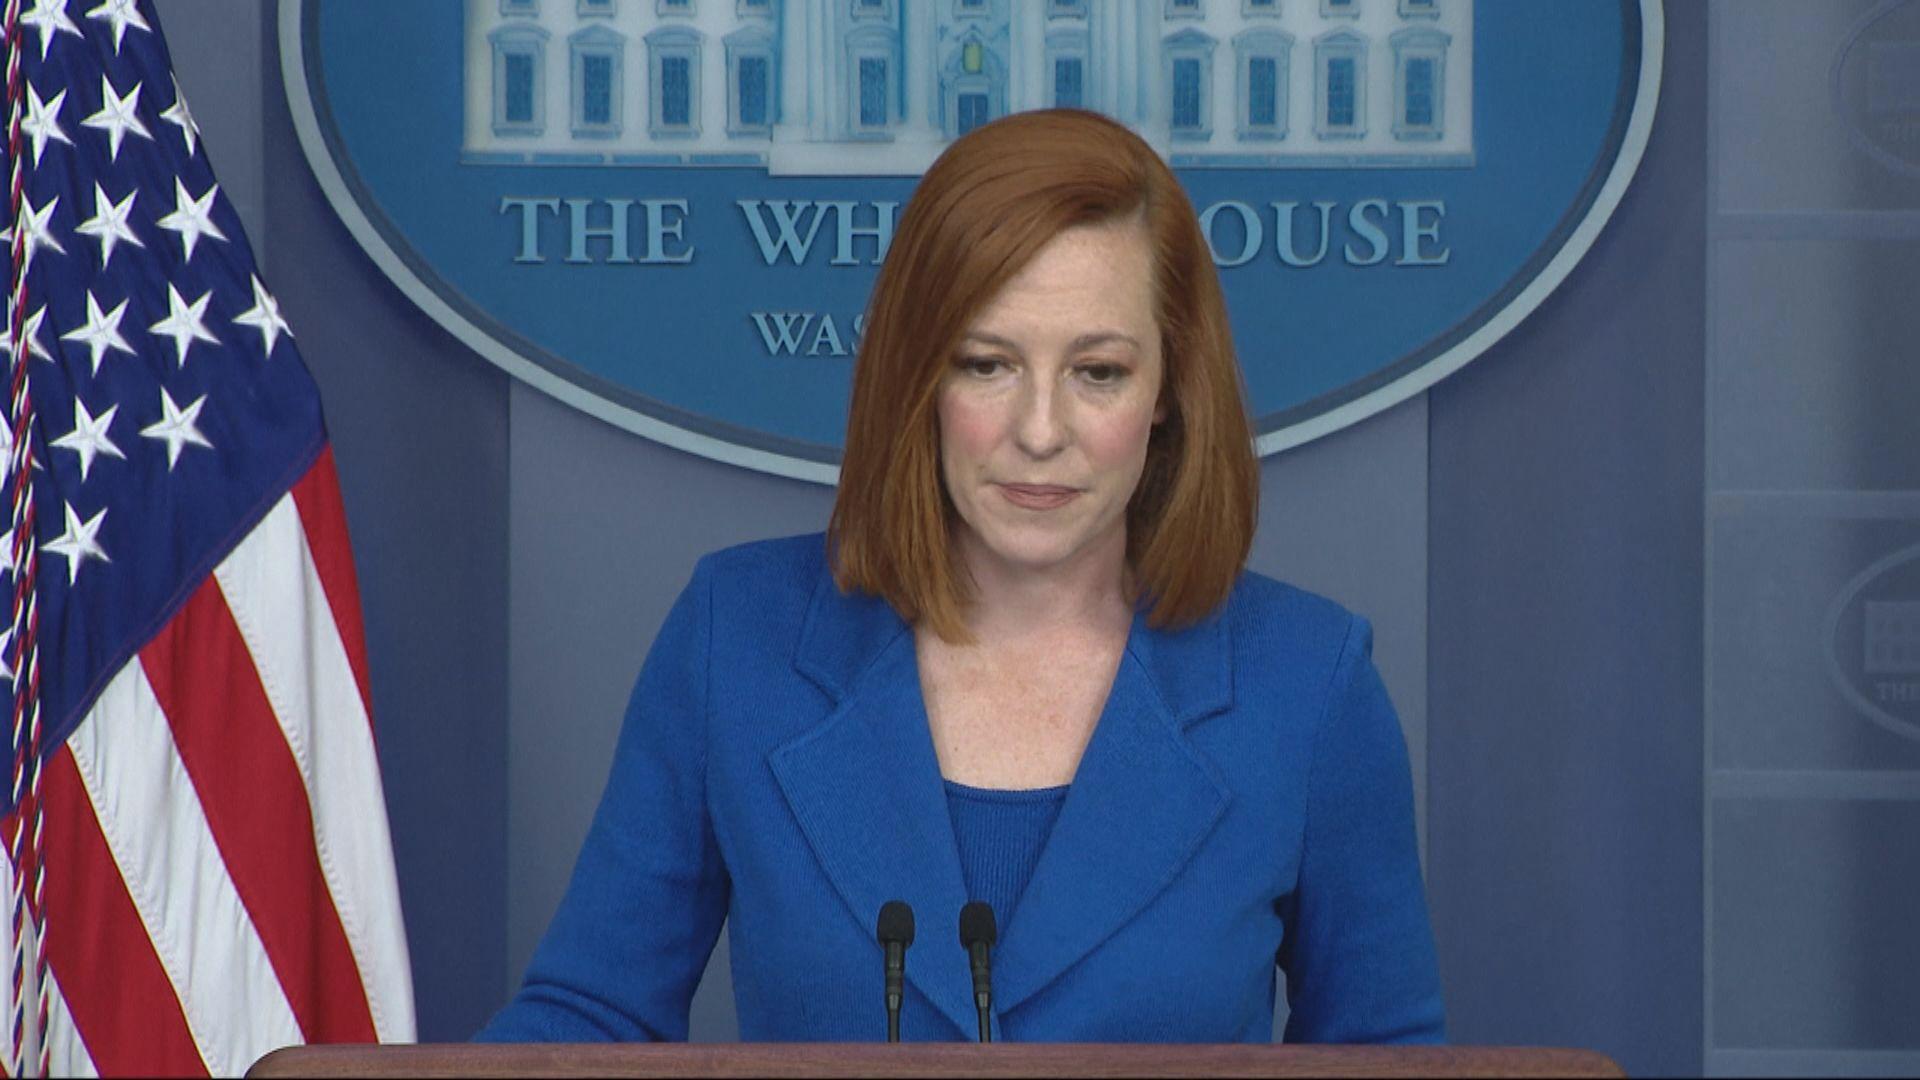 白宮發言人稱沒足夠資料對新冠病毒源頭作結論